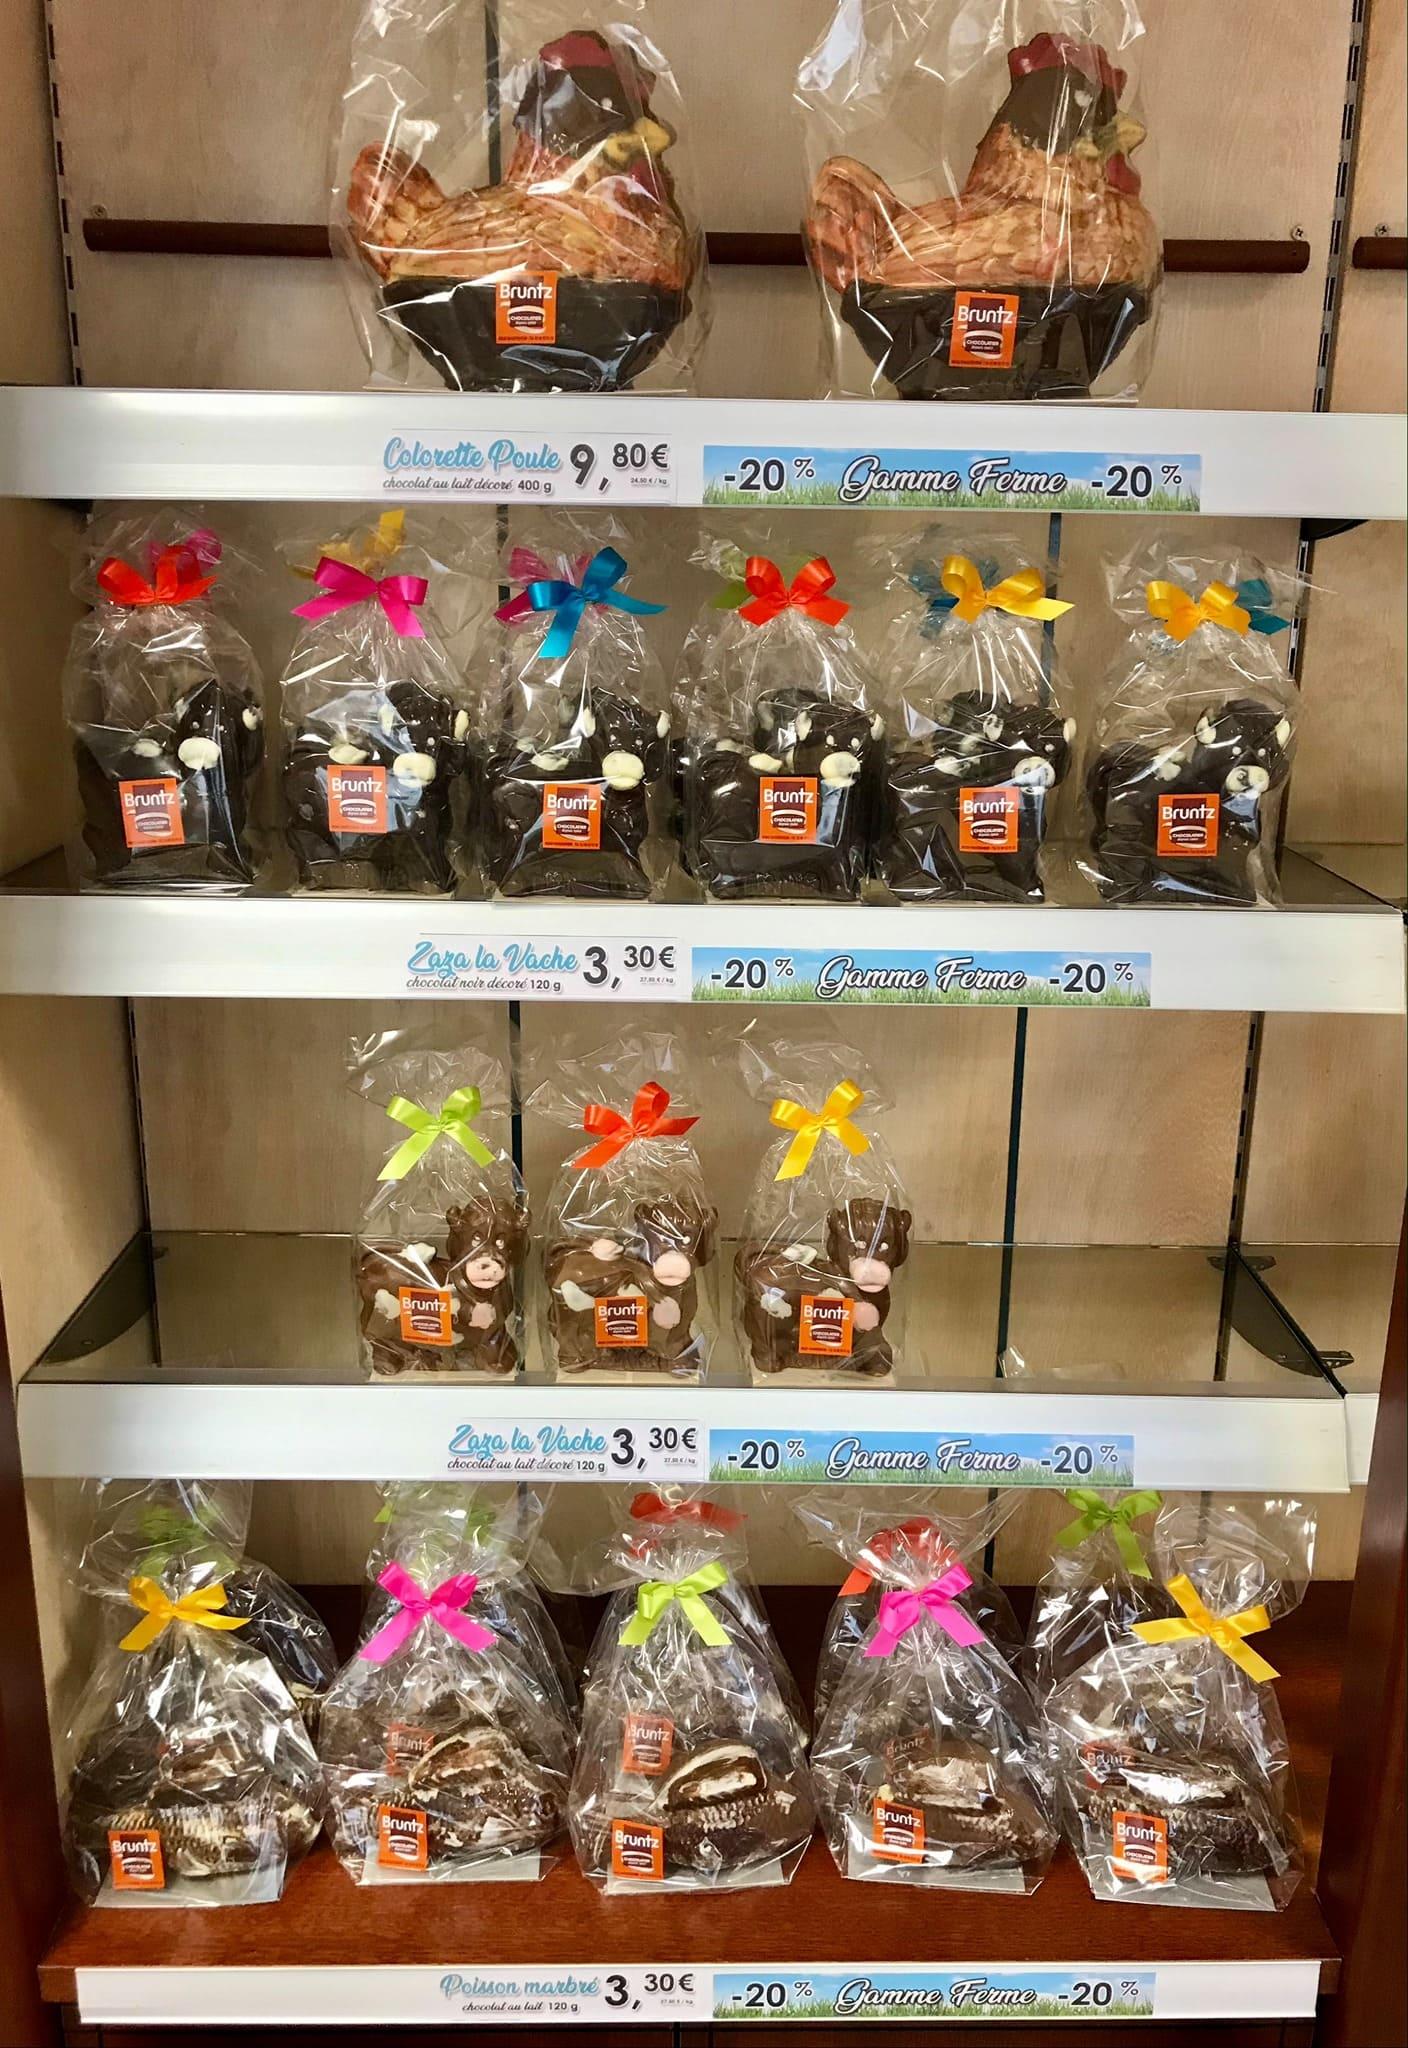 """PROMOTION ! Venez profiter de -20% sur nos moulages de la """"Gamme Ferme"""". Nos petits animaux vous attendent en boutique 😊 #chocolat #alsace #chocbruntz (Alsace)"""